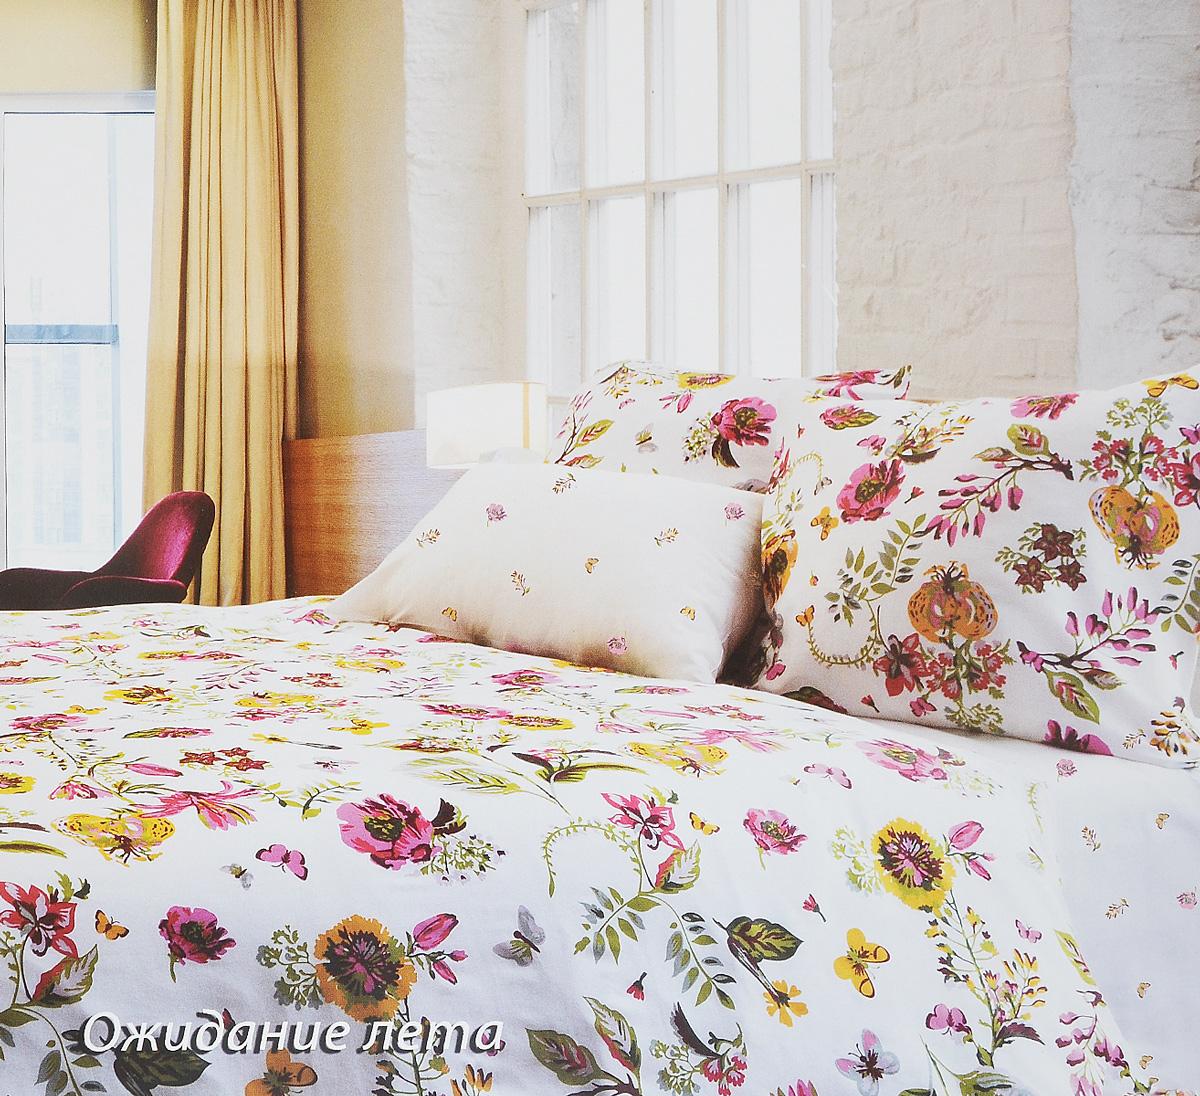 Комплект белья Tiffanys Secret Ожидание лета, 1,5-спальный, наволочки 70х70, цвет: белый, розовый, желтый391602Комплект постельного белья Tiffanys Secret Ожидание лета является экологически безопасным для всей семьи, так как выполнен из сатина (100% хлопок). Комплект состоит из пододеяльника, простыни и двух наволочек. Предметы комплекта оформлены оригинальным рисунком.Благодаря такому комплекту постельного белья вы сможете создать атмосферу уюта и комфорта в вашей спальне.Сатин - это ткань, навсегда покорившая сердца человечества. Ценившие роскошь персы называли ее атлас, а искушенные в прекрасном французы - сатин. Секрет высококачественного сатина в безупречности всего технологического процесса. Эту благородную ткань делают только из отборной натуральной пряжи, которую получают из самого лучшего тонковолокнистого хлопка. Благодаря использованию самой тонкой хлопковой нити получается необычайно мягкое и нежное полотно. Сатиновое постельное белье превращает жаркие летние ночи в прохладные и освежающие, а холодные зимние - в теплые и согревающие. Сатин очень приятен на ощупь, постельное белье из него долговечно, выдерживает более 300 стирок, и лишь спустя долгое время материал начинает немного тускнеть. Оцените все достоинства постельного белья из сатина, выбирая самое лучшее для себя!